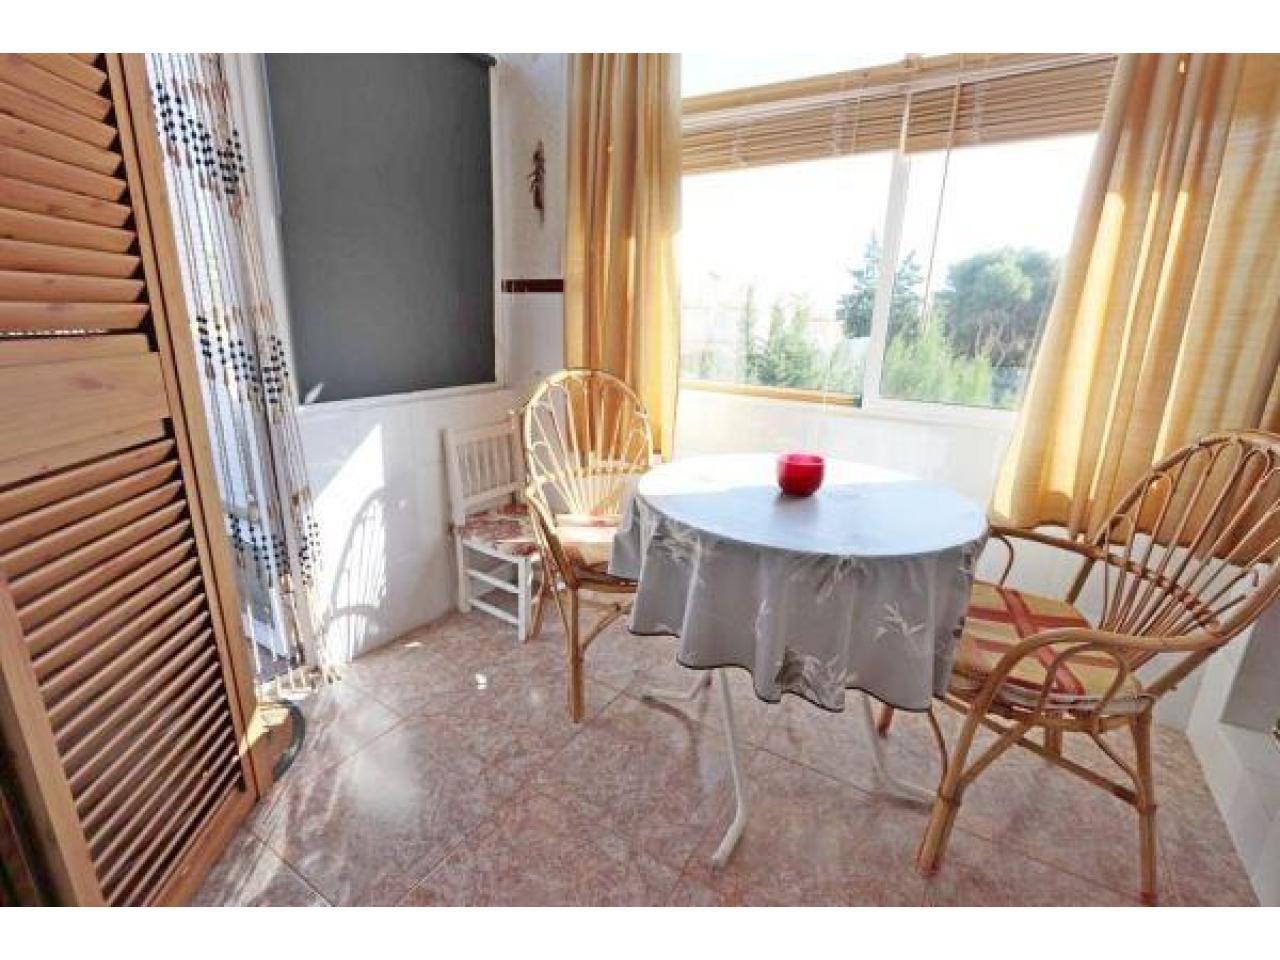 Недвижимость в Испании, Бунгало в Торревьеха,Коста Бланка,Испания - 5